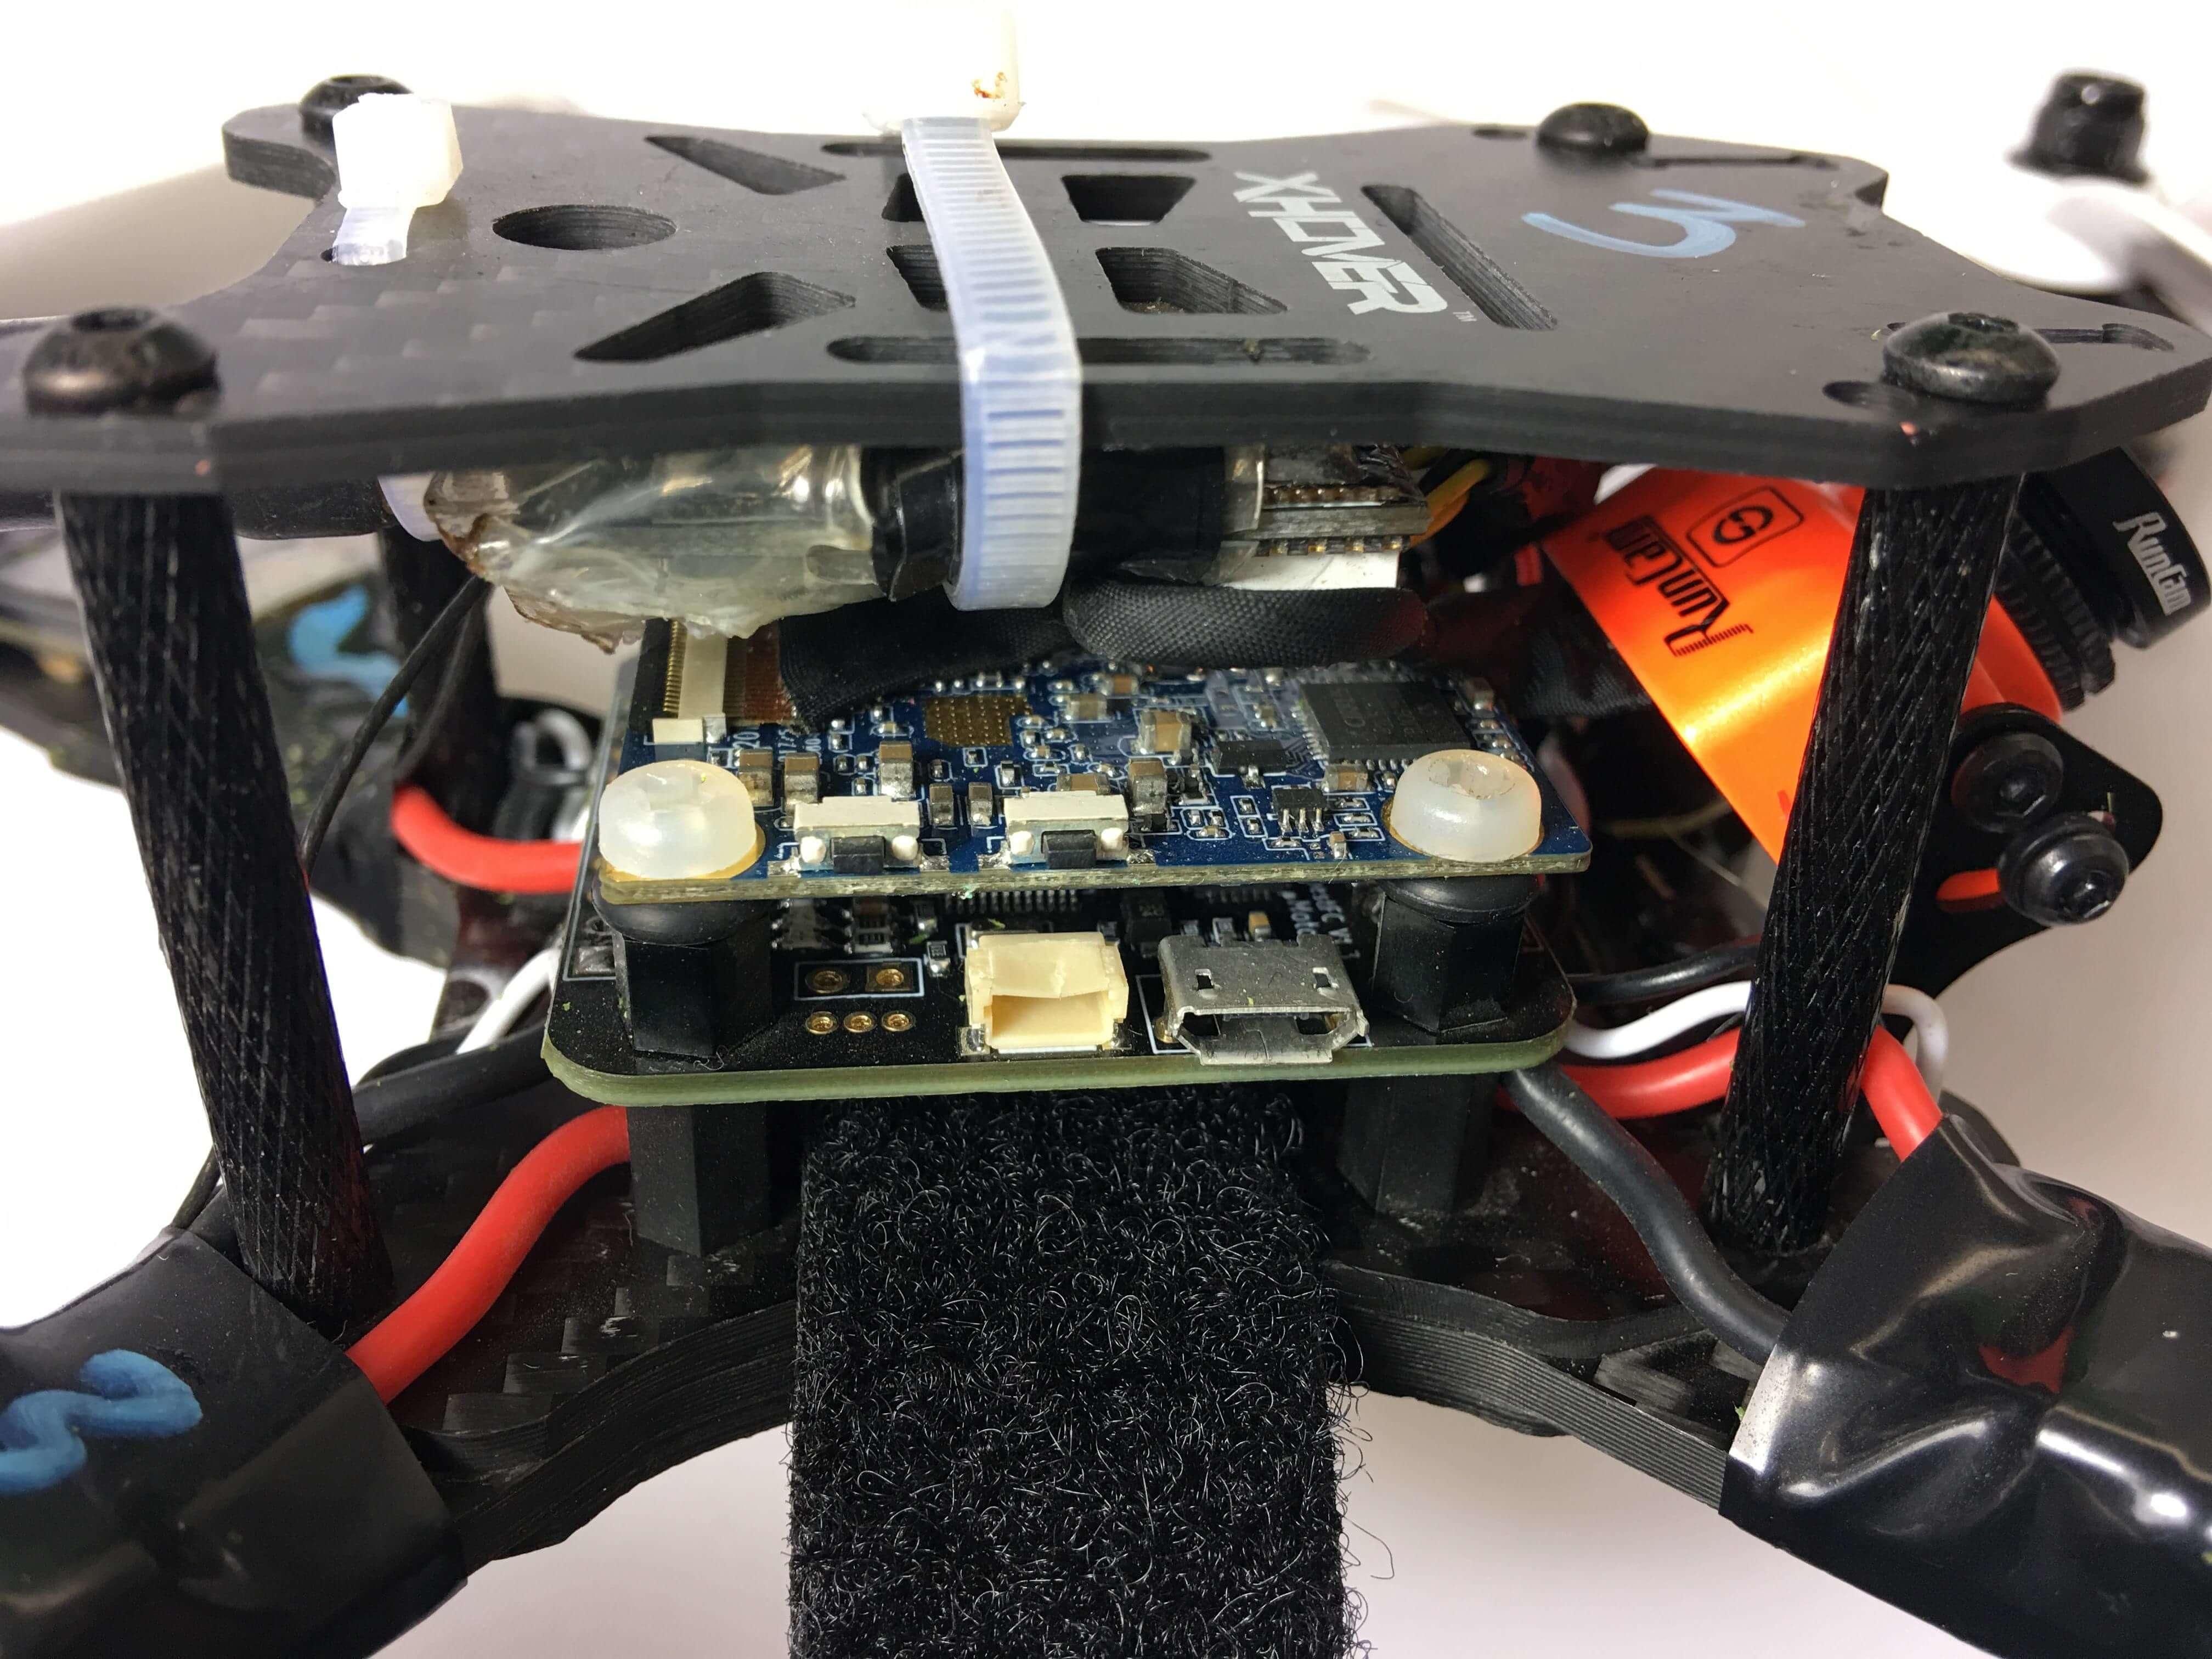 Runcam split board on racing drone